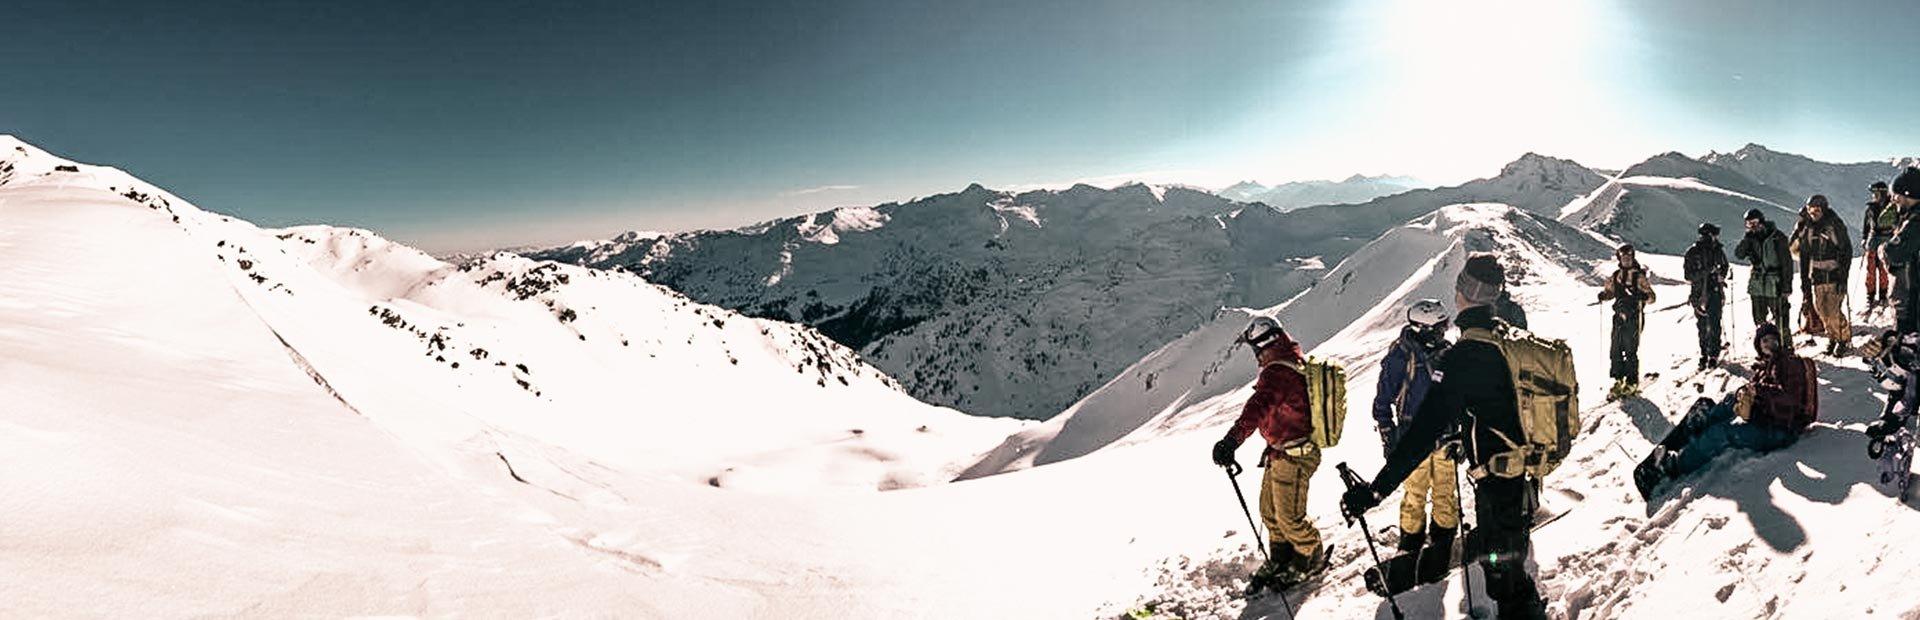 Hochfügen Skitour Skiwandern Skifahren Tiefschnee